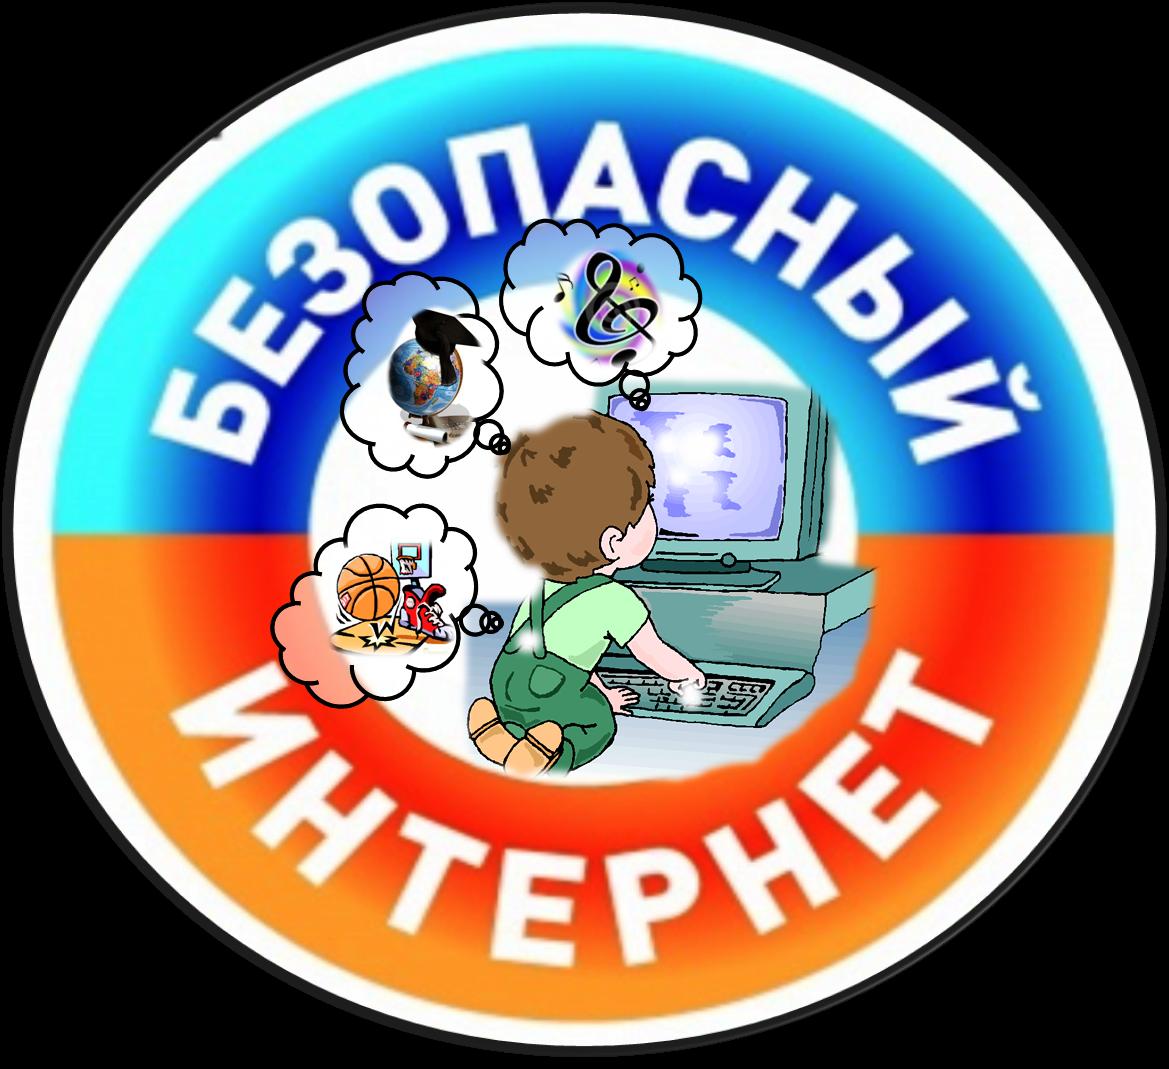 """Информация о безопасном поведении и использовании сети """"Интернет"""""""